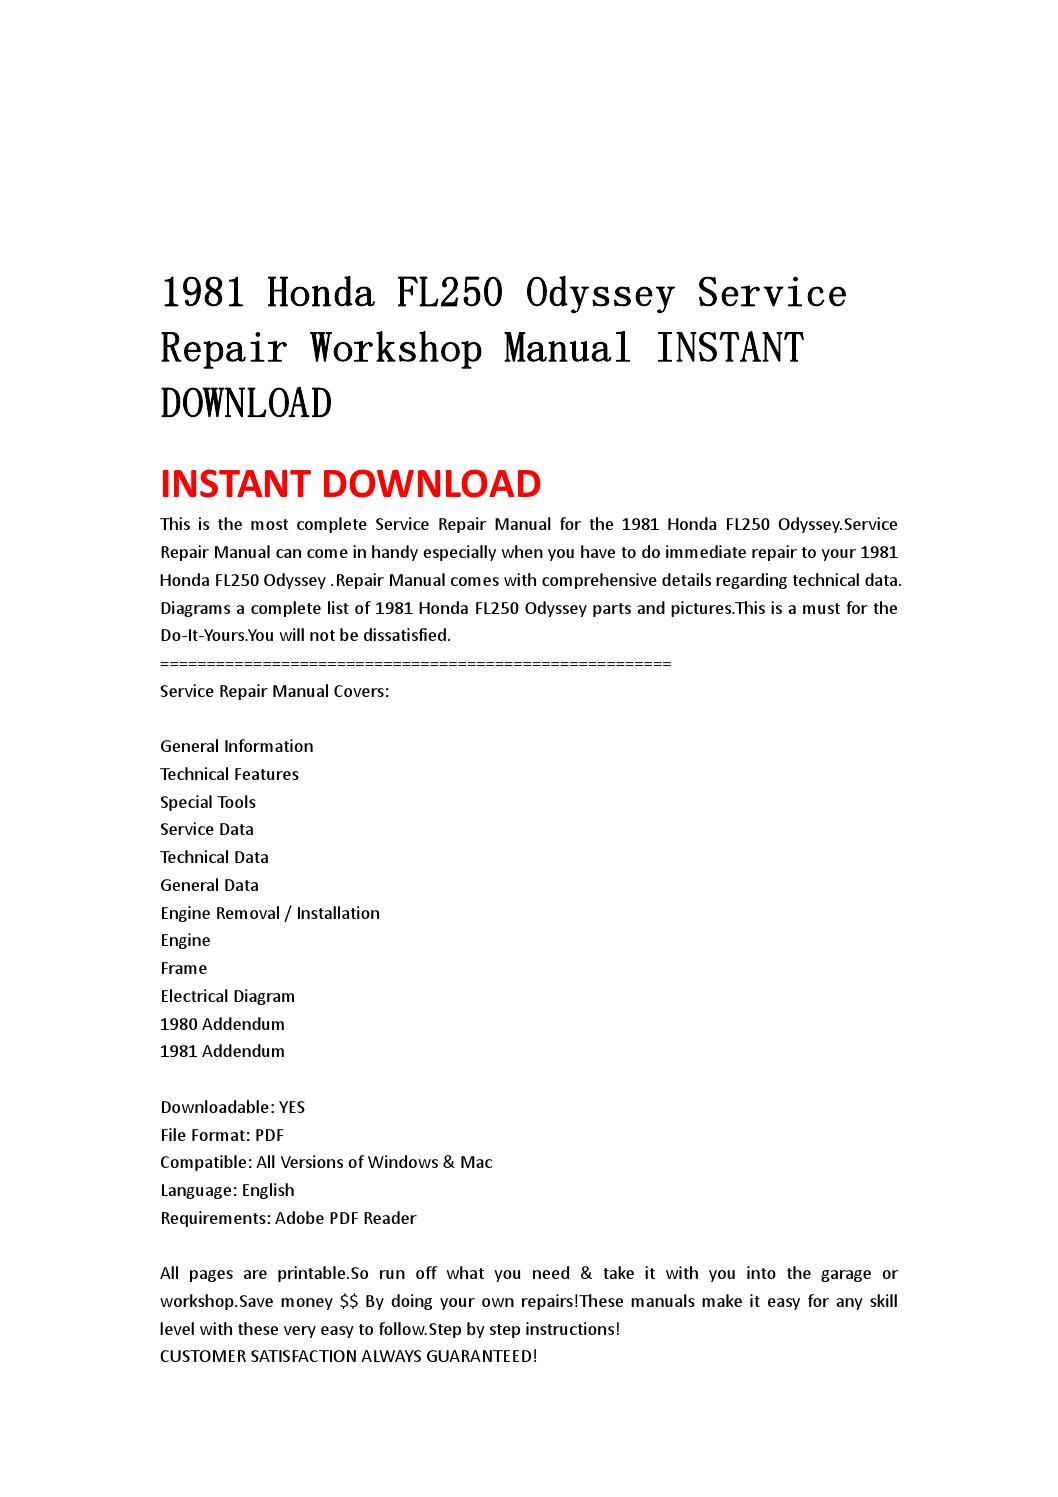 1981 Honda Fl250 Odyssey Service Repair Workshop Manual